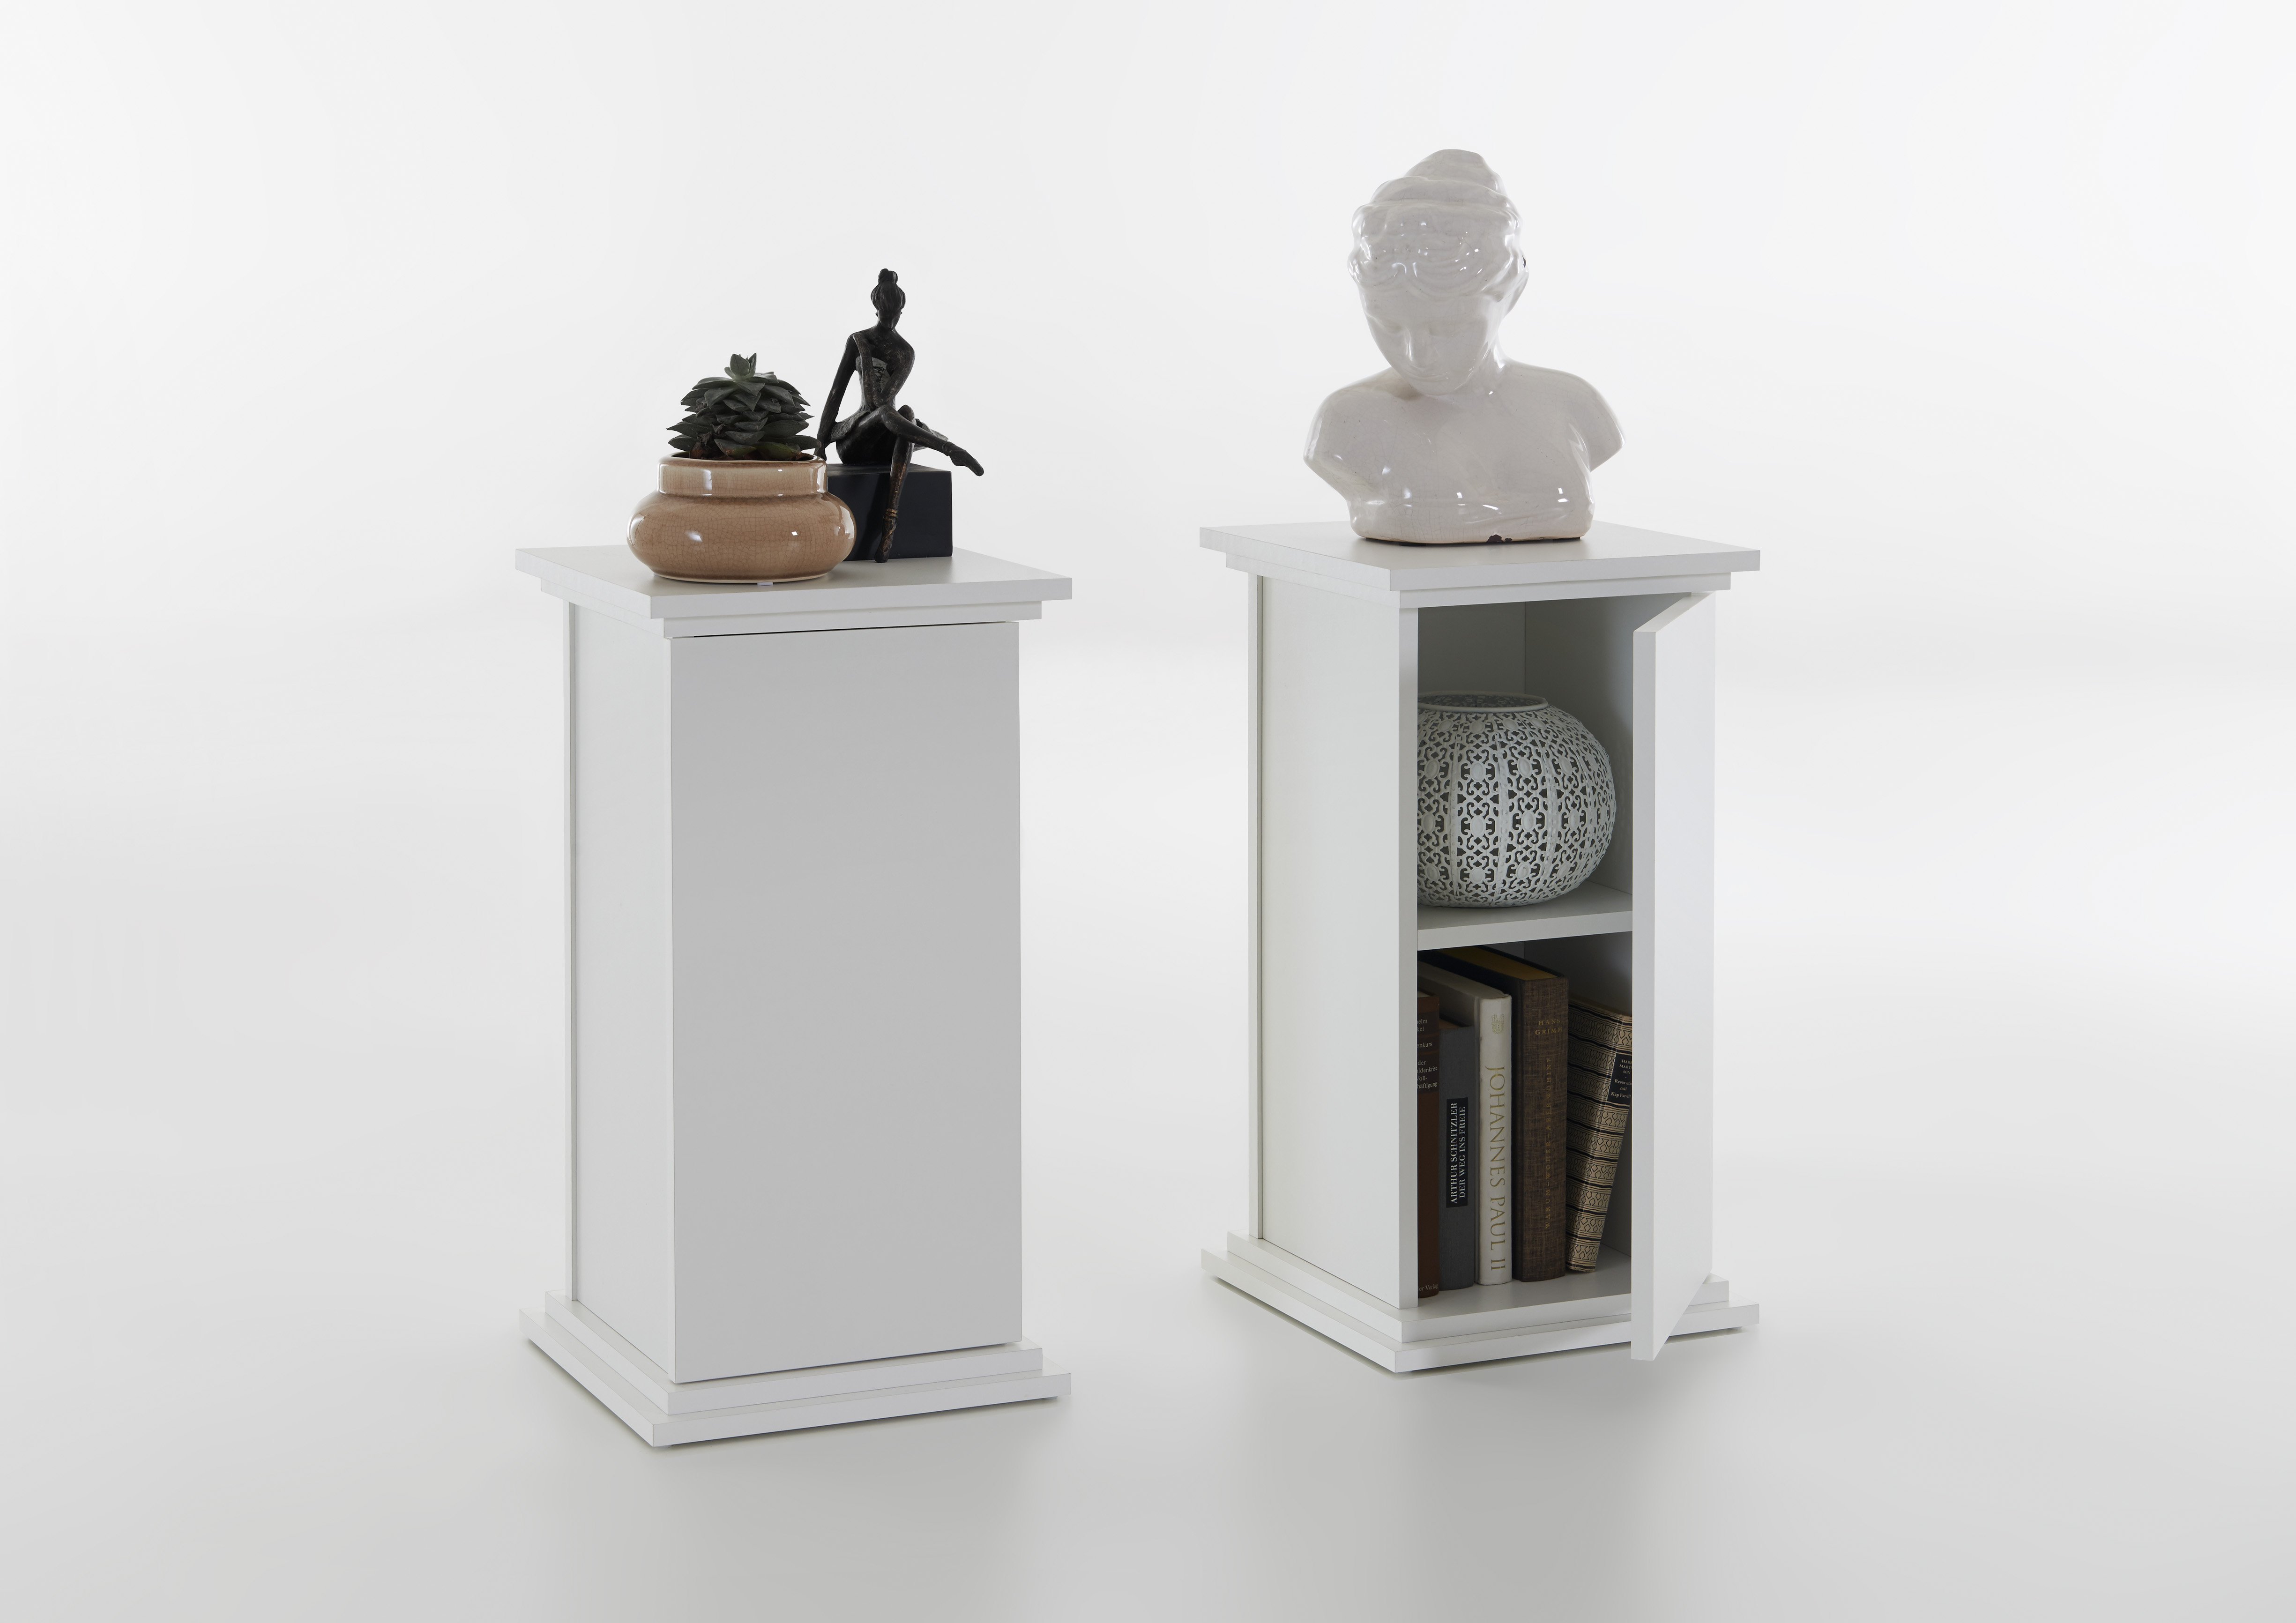 essex 1 dekos ule von fmd wei. Black Bedroom Furniture Sets. Home Design Ideas